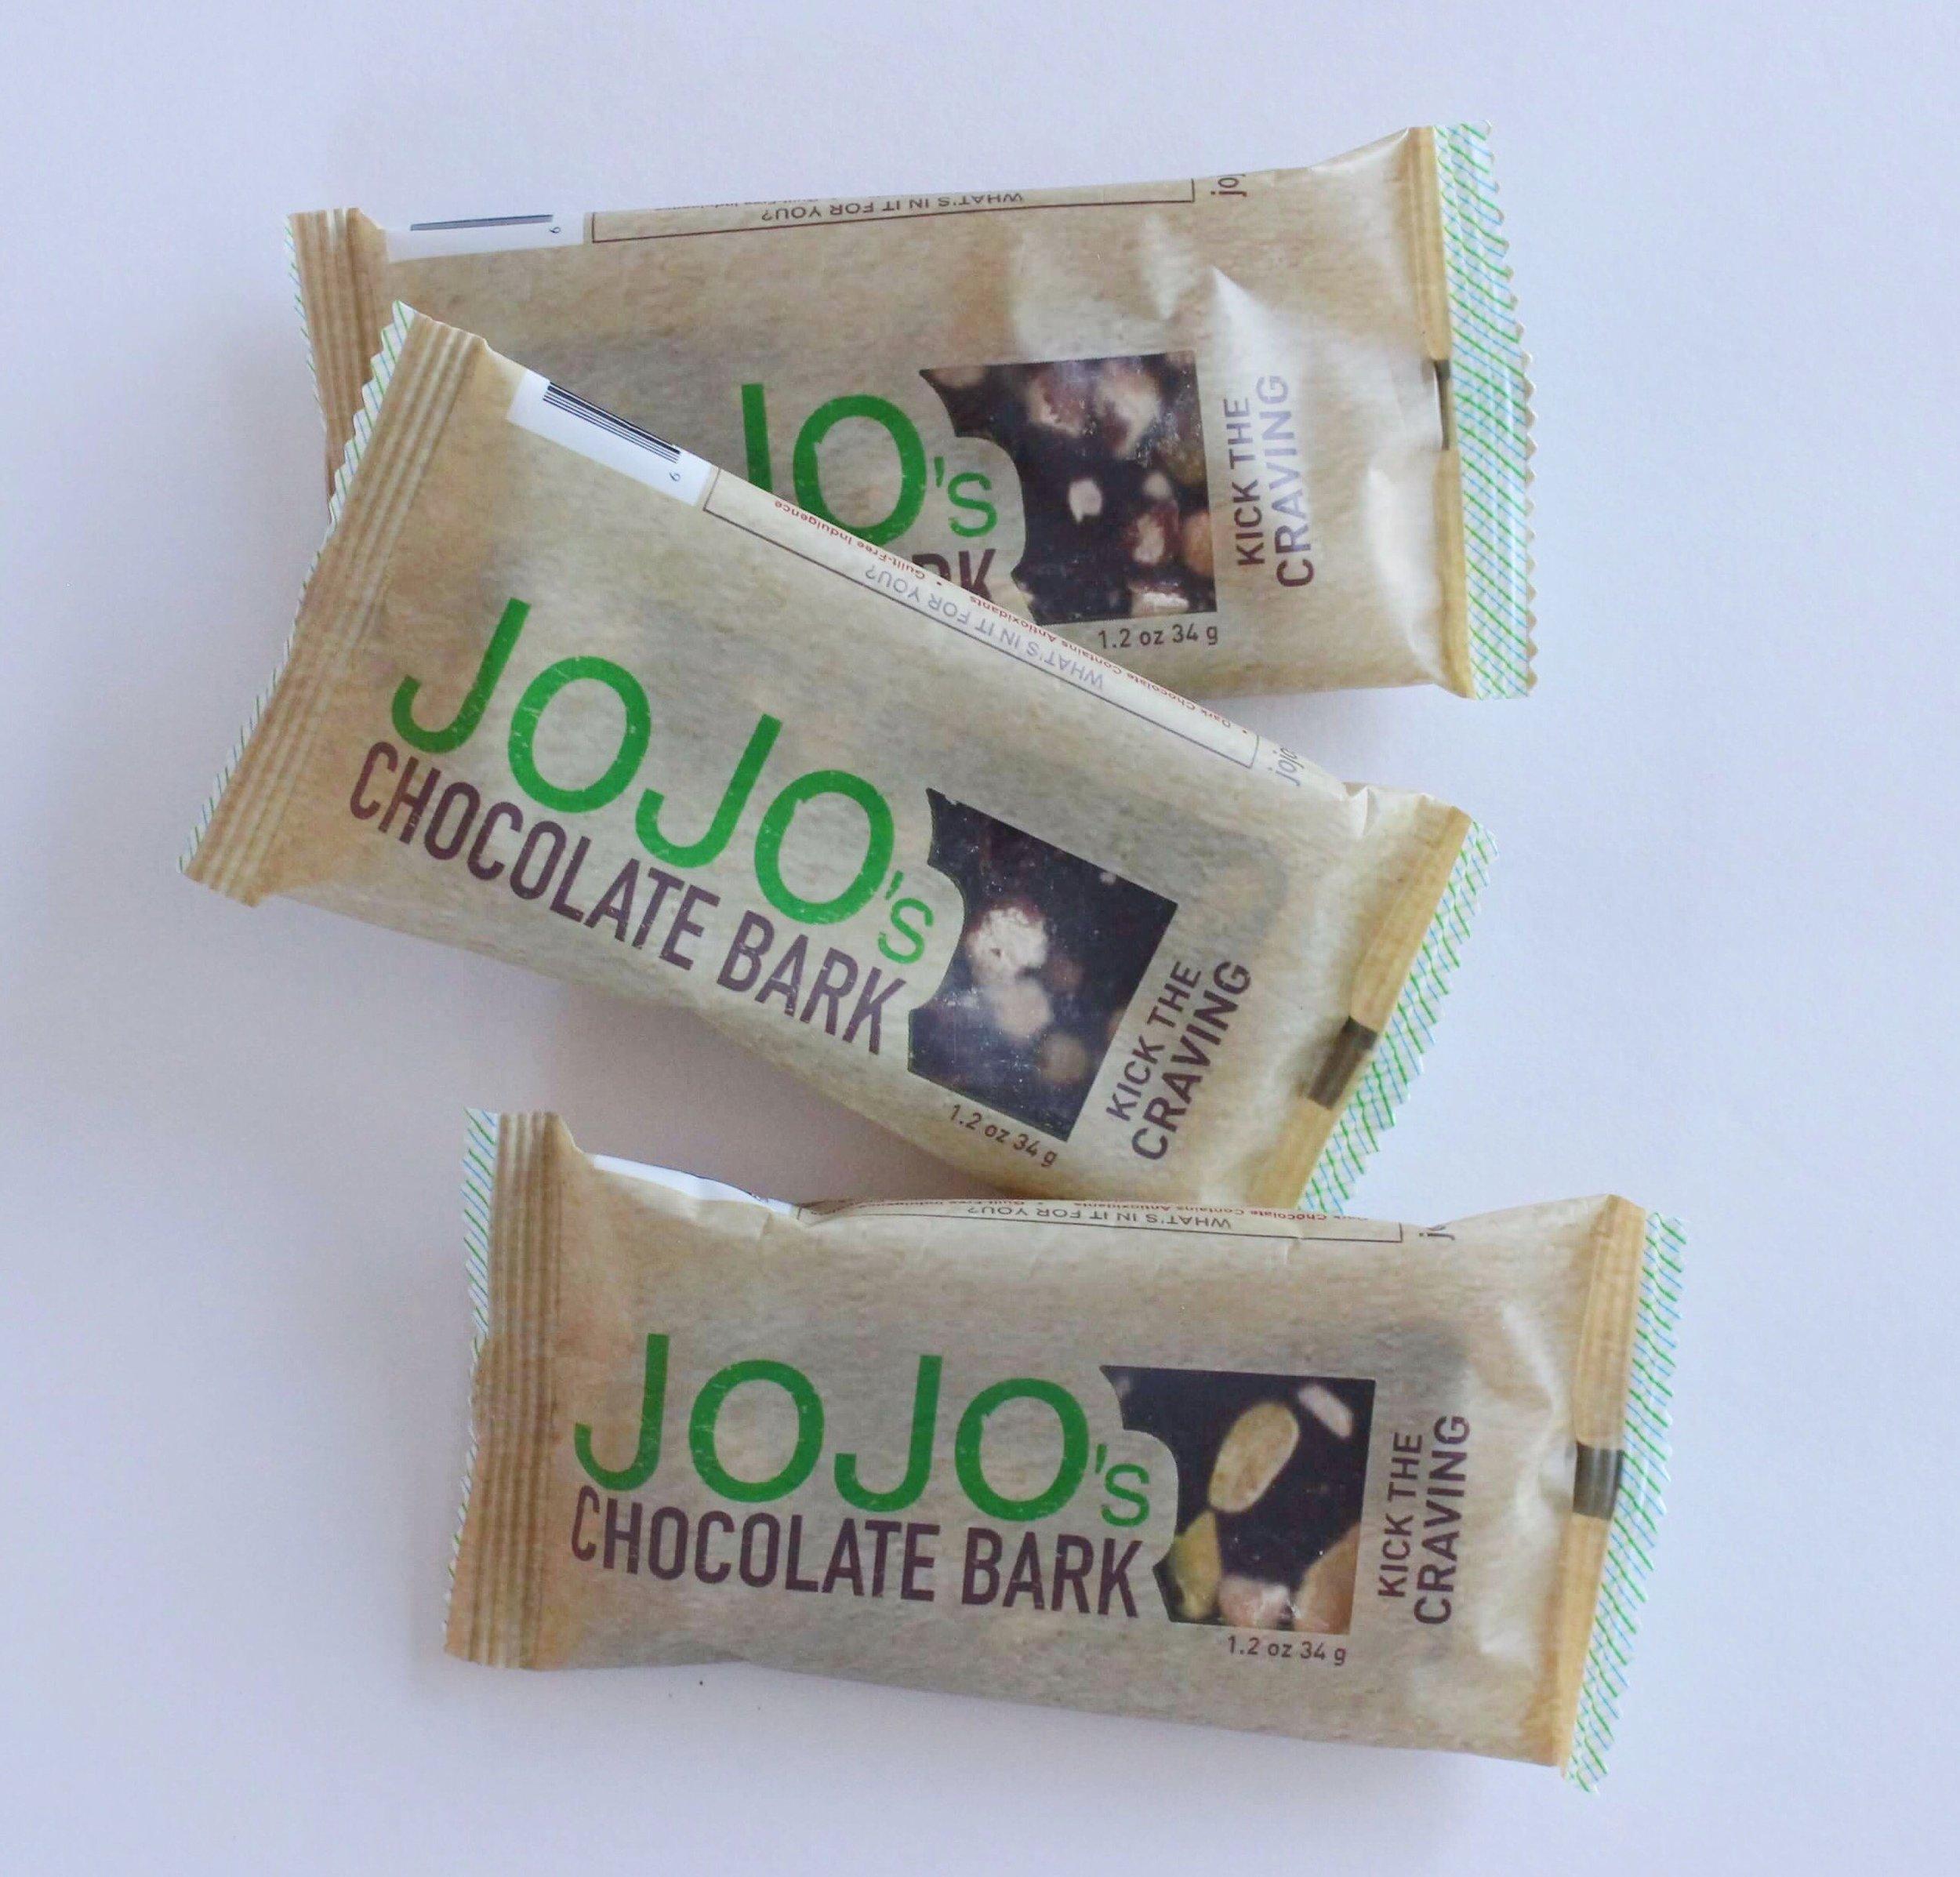 Jo Jo's chocolate bars